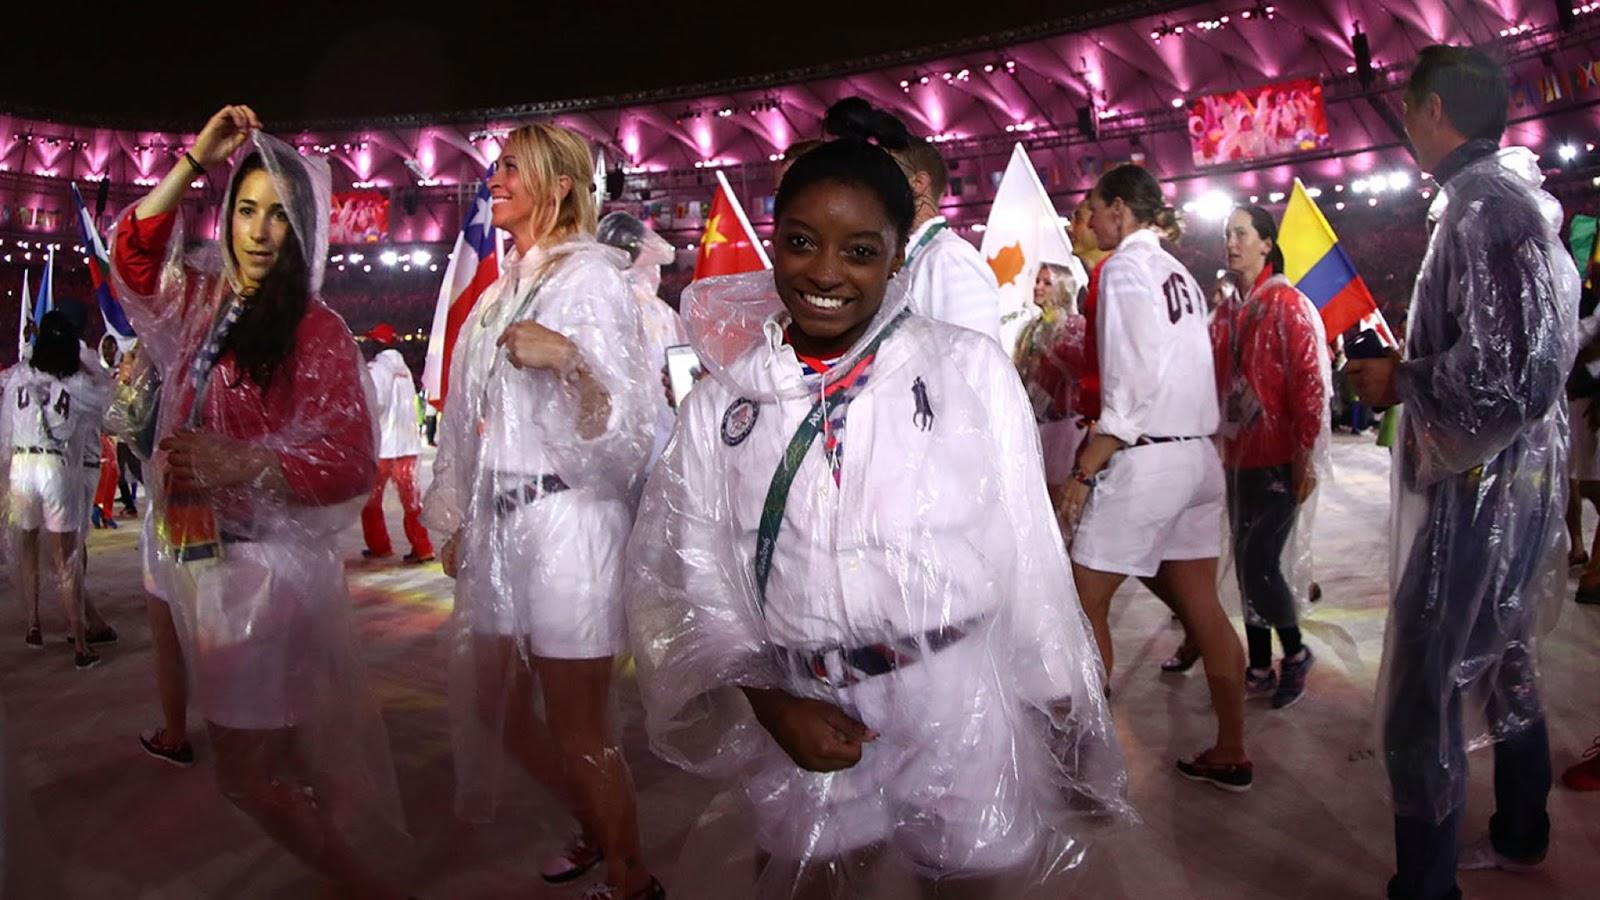 RIO OLYMPICS 2016 CLOSING CEREMONY 4